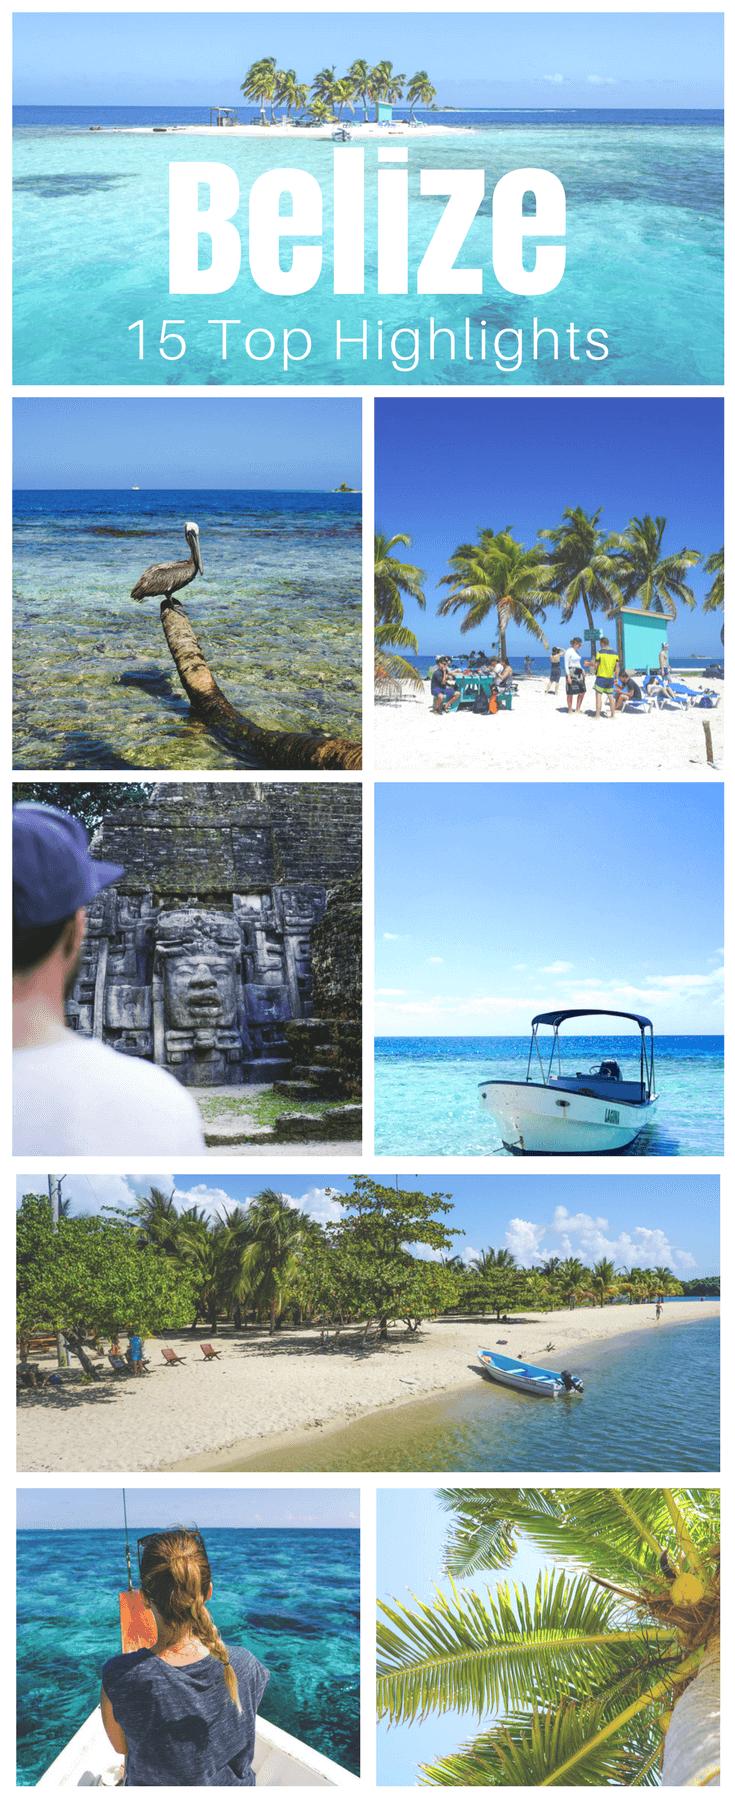 Belize Sehenswürdigkeiten - Die besten Highlights und Ausflüge #travelnorthamerica